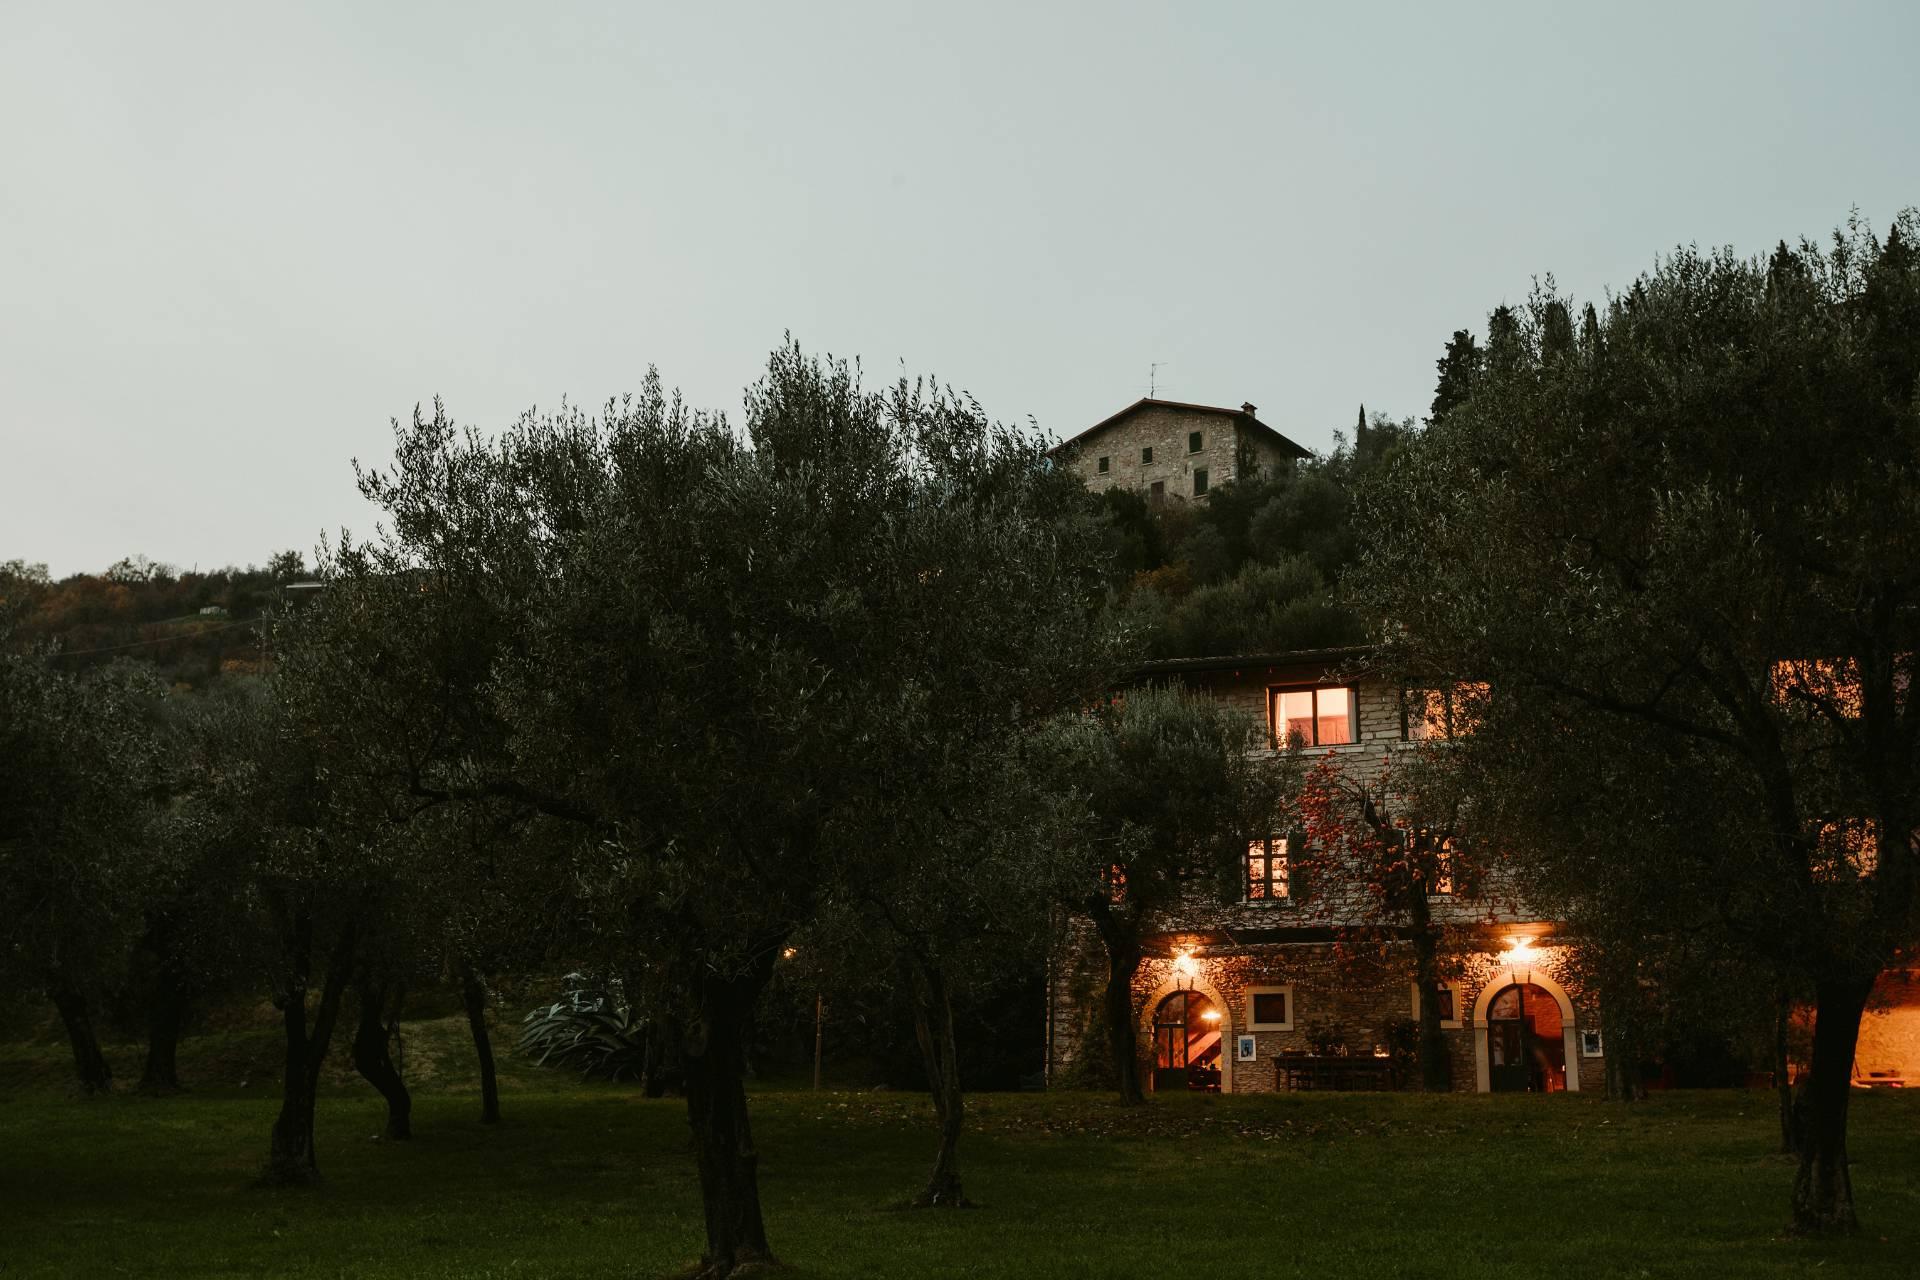 Rustico in Vendita a Toscolano-Maderno: 5 locali, 600 mq - Foto 25